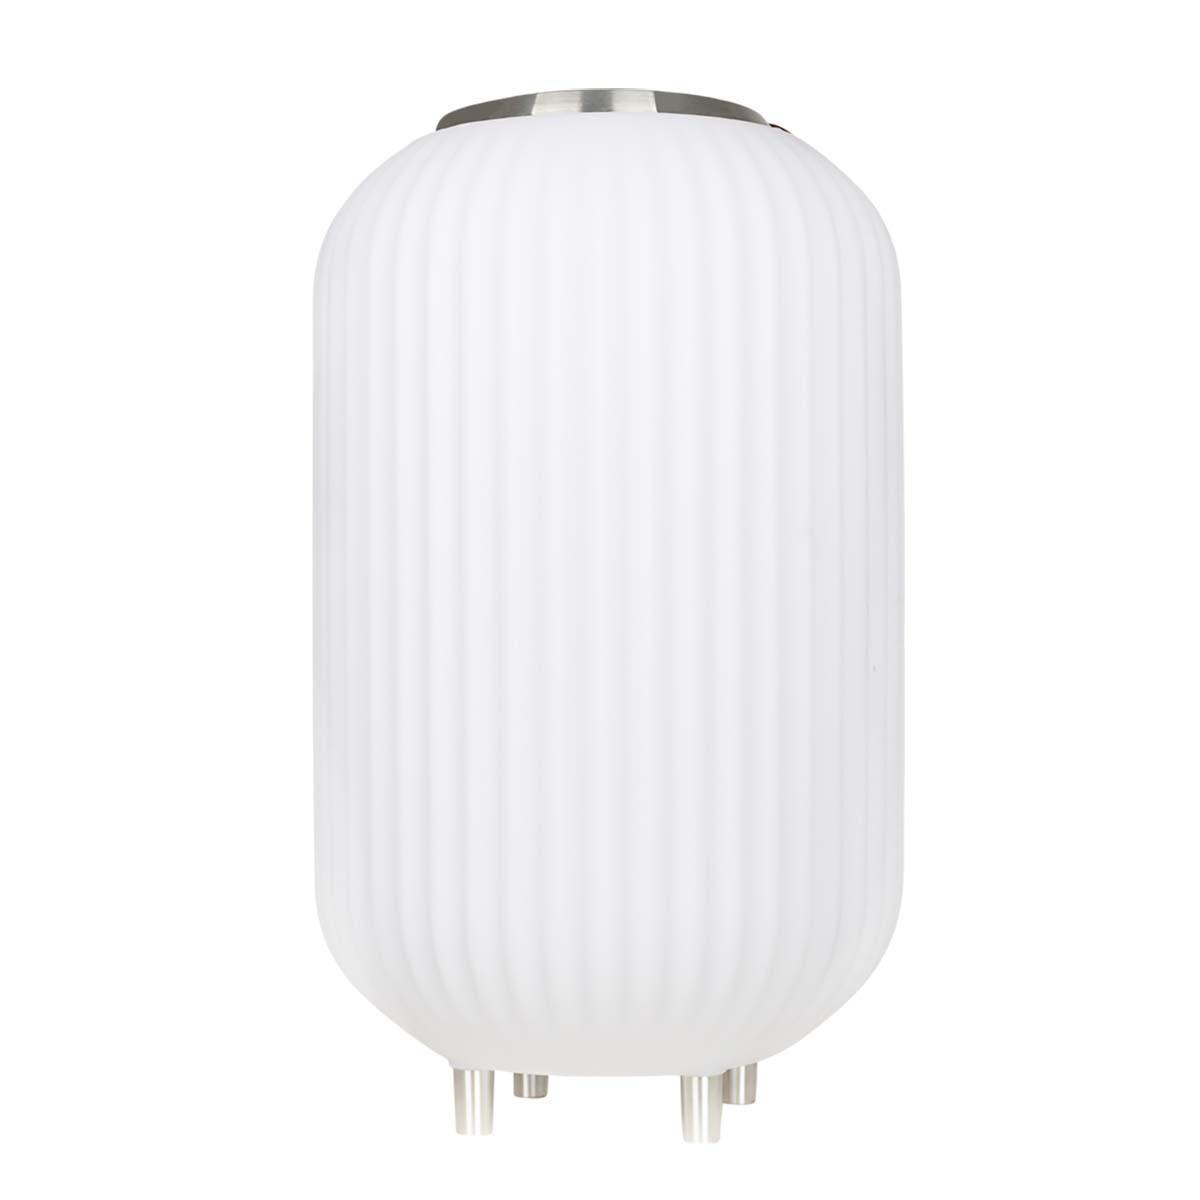 The.Lampion M – Lampe med indbygget Bluetooth Højttaler & Vinkøler – Hvid